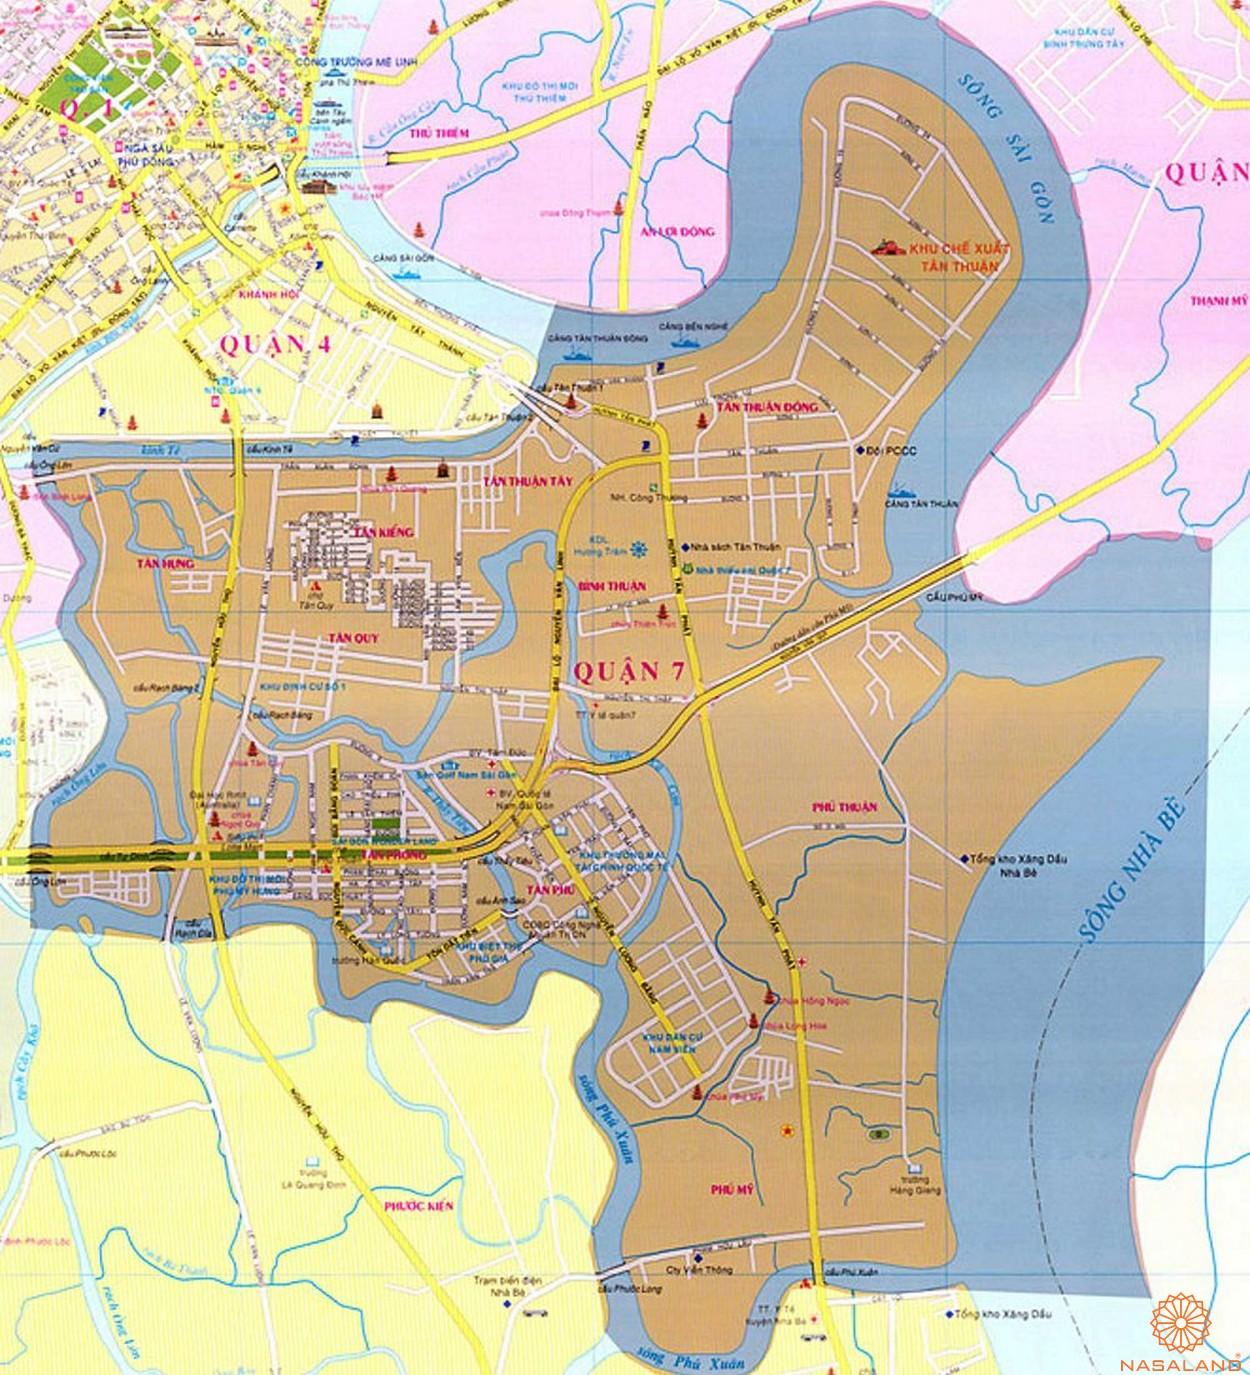 Căn hộ quận 7 - Vùng đất vàng nâng tầm tiềm năng tăng giá - vị trí